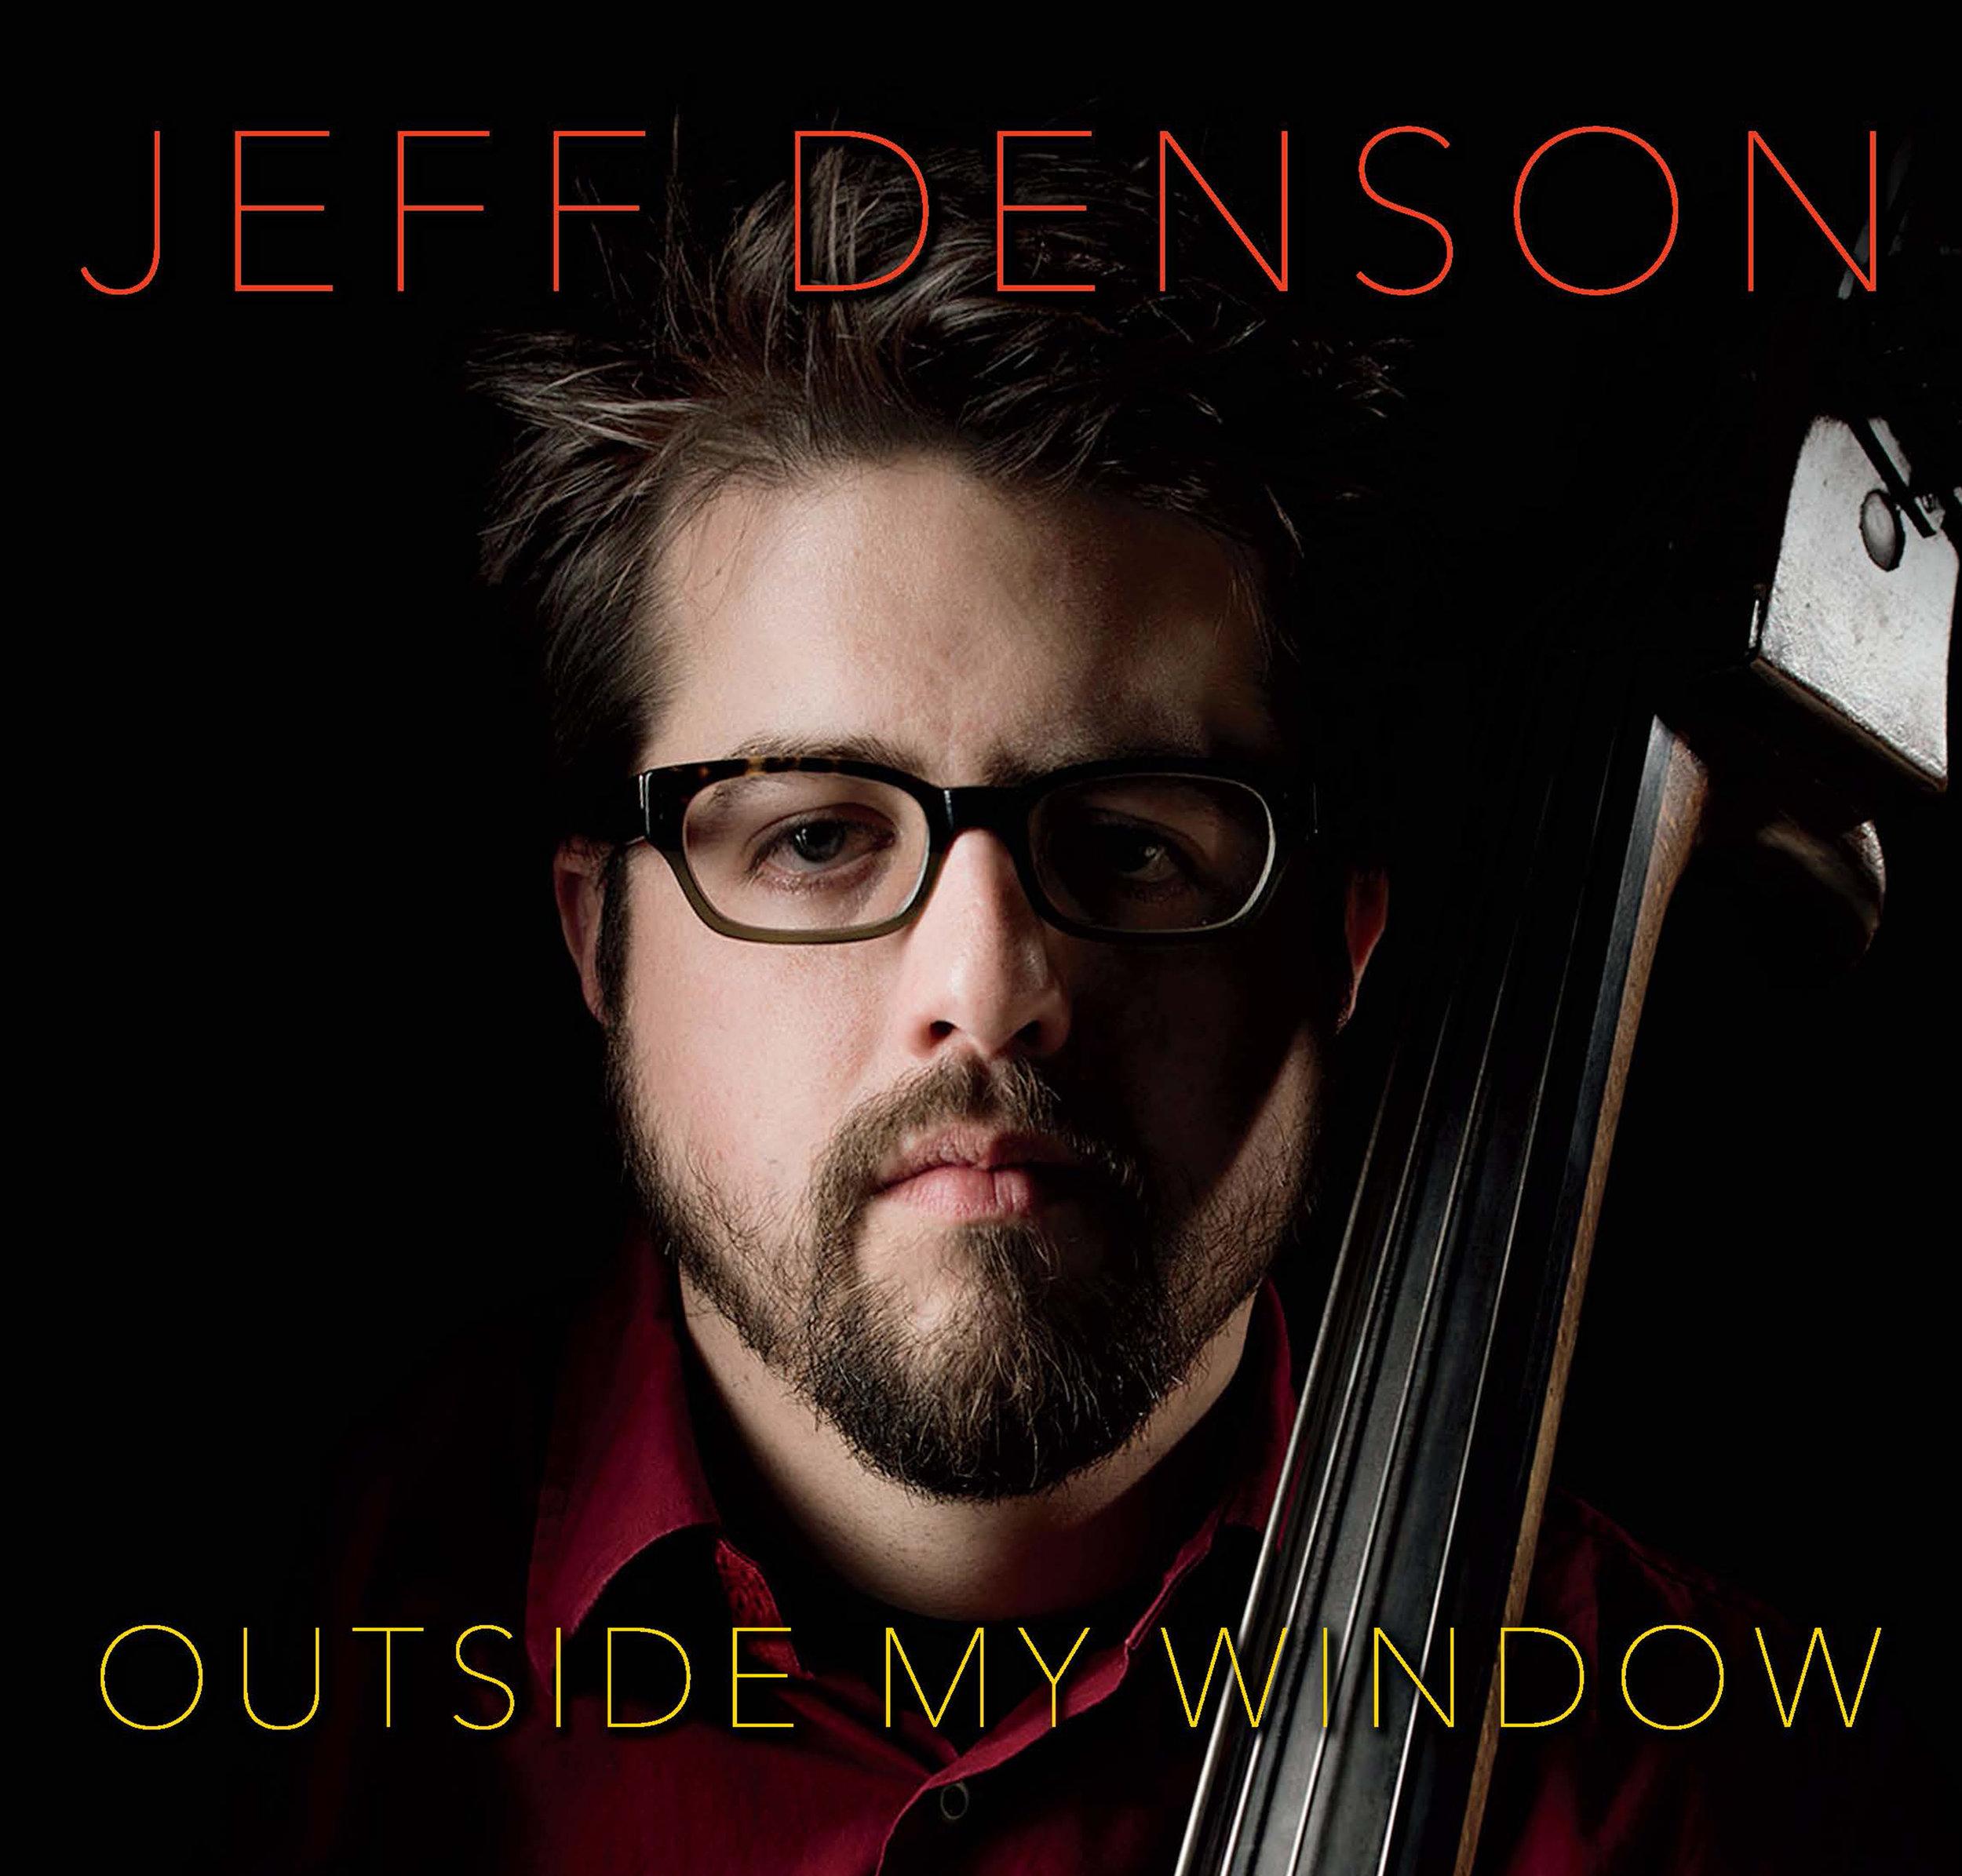 denson_outside_window_cover.jpg